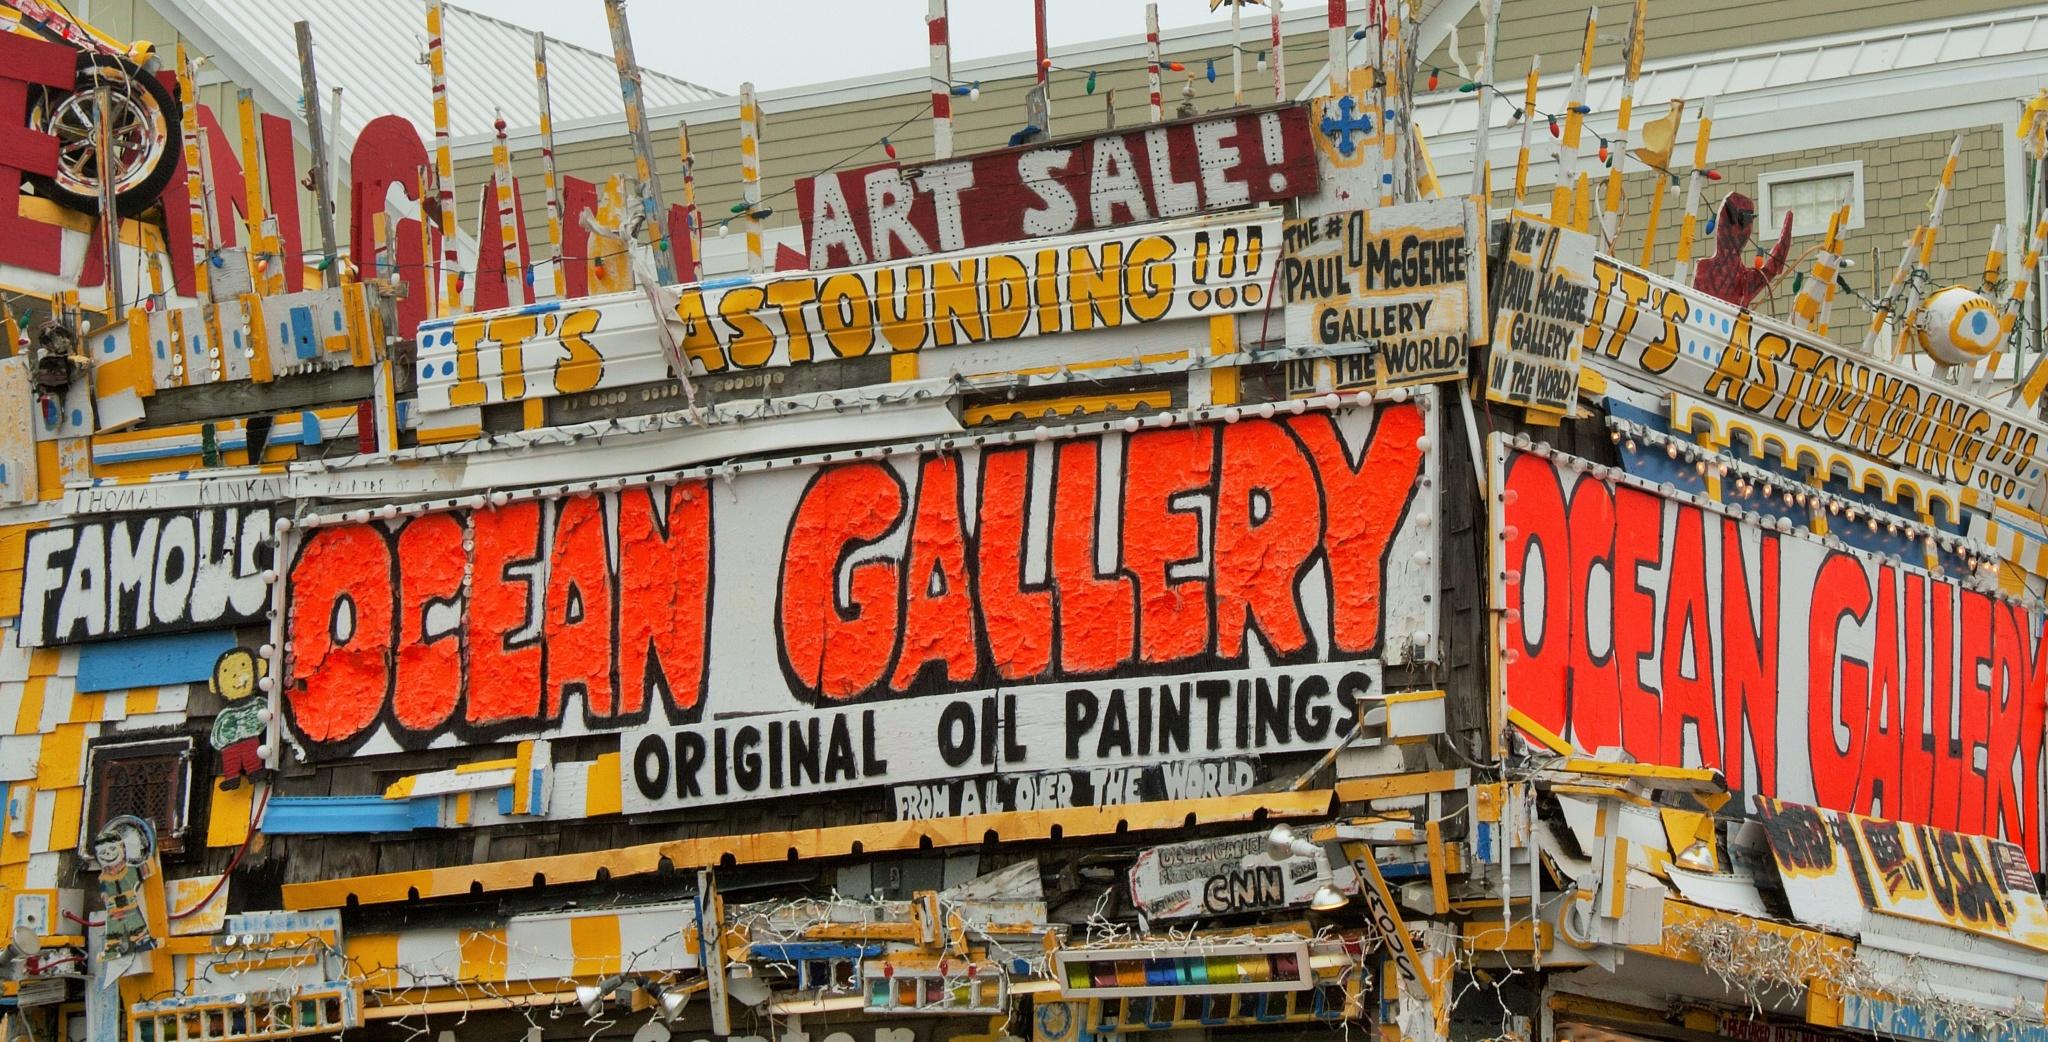 Ocean City Shop by joann.kunkle